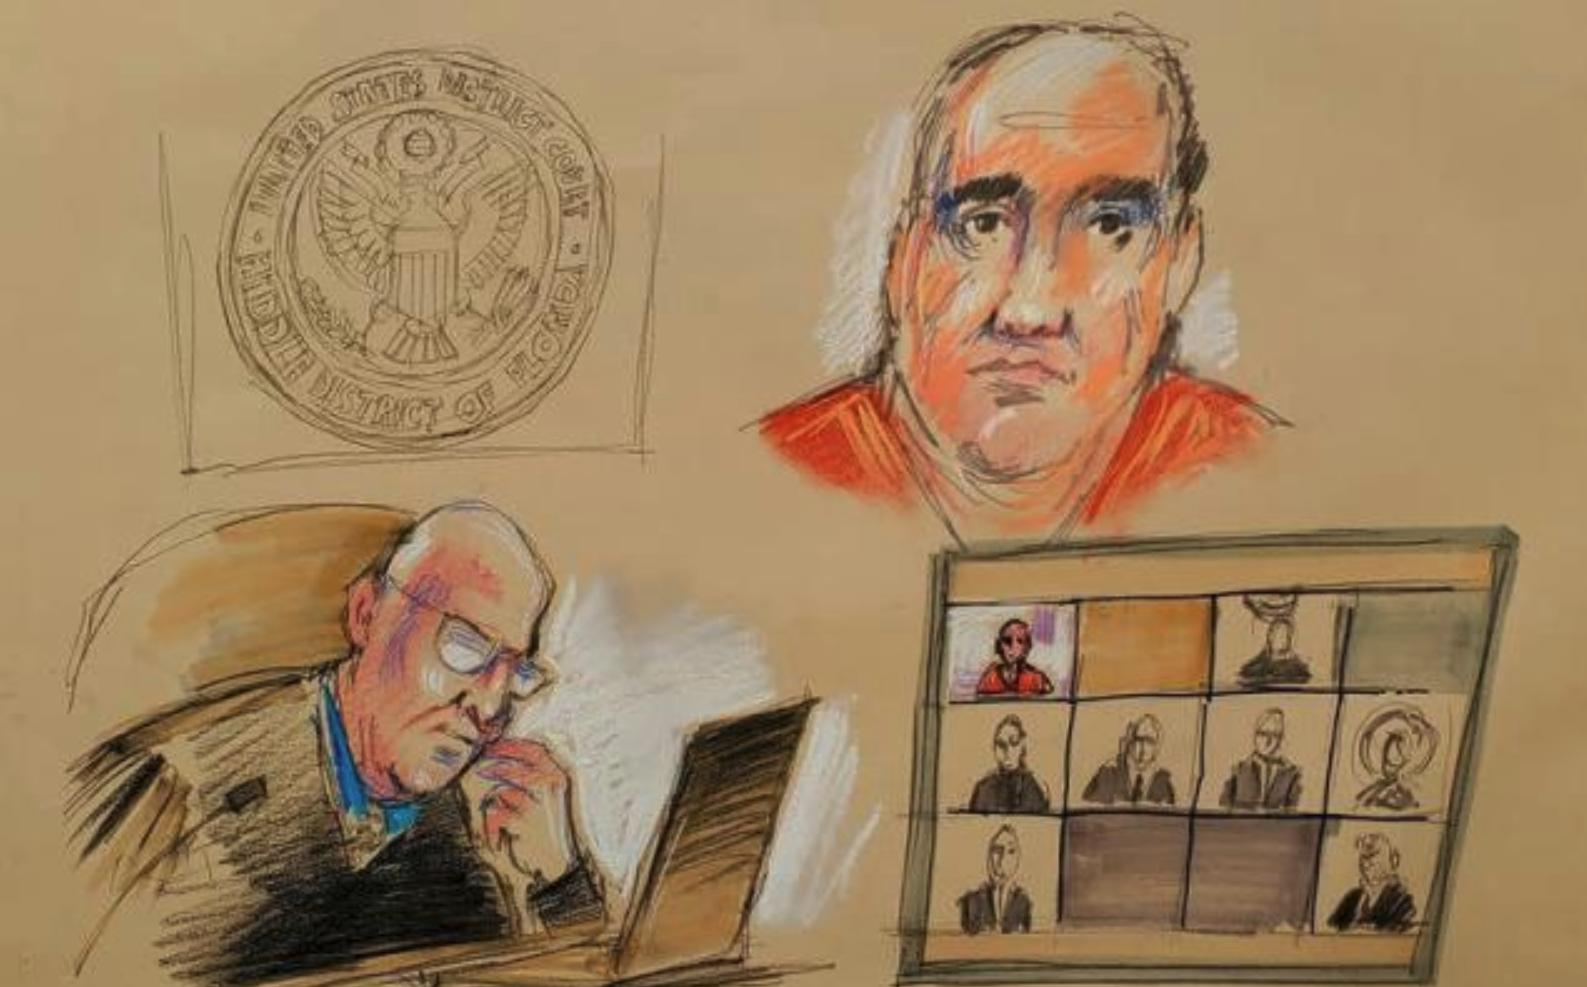 caso alex saab: presunto testaferro de maduro comparece ante justicia en miami